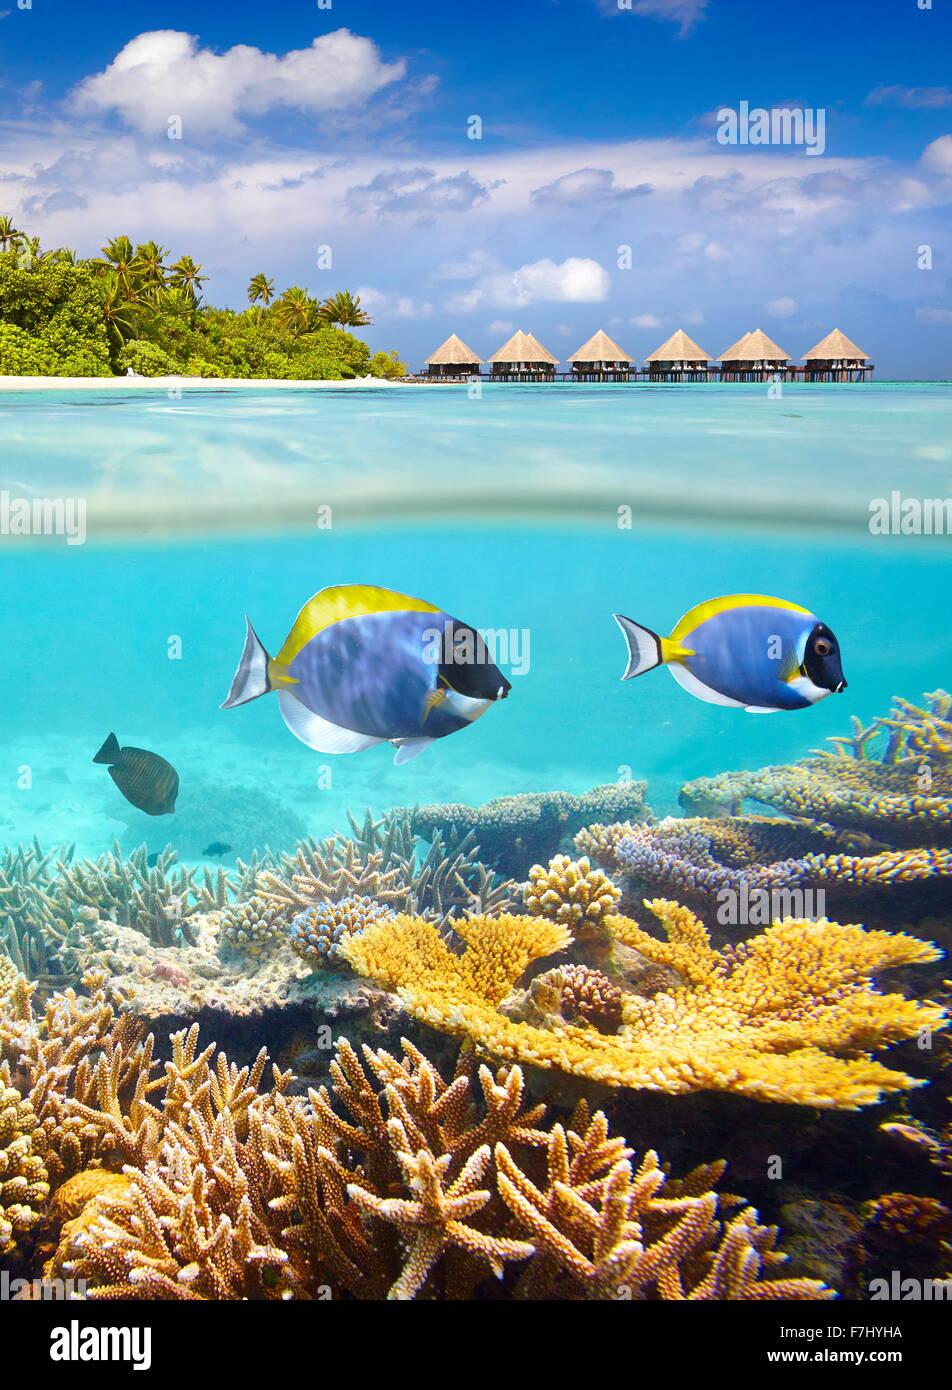 Isole delle Maldive - tropical vista subacquea con pesce e reef Immagini Stock